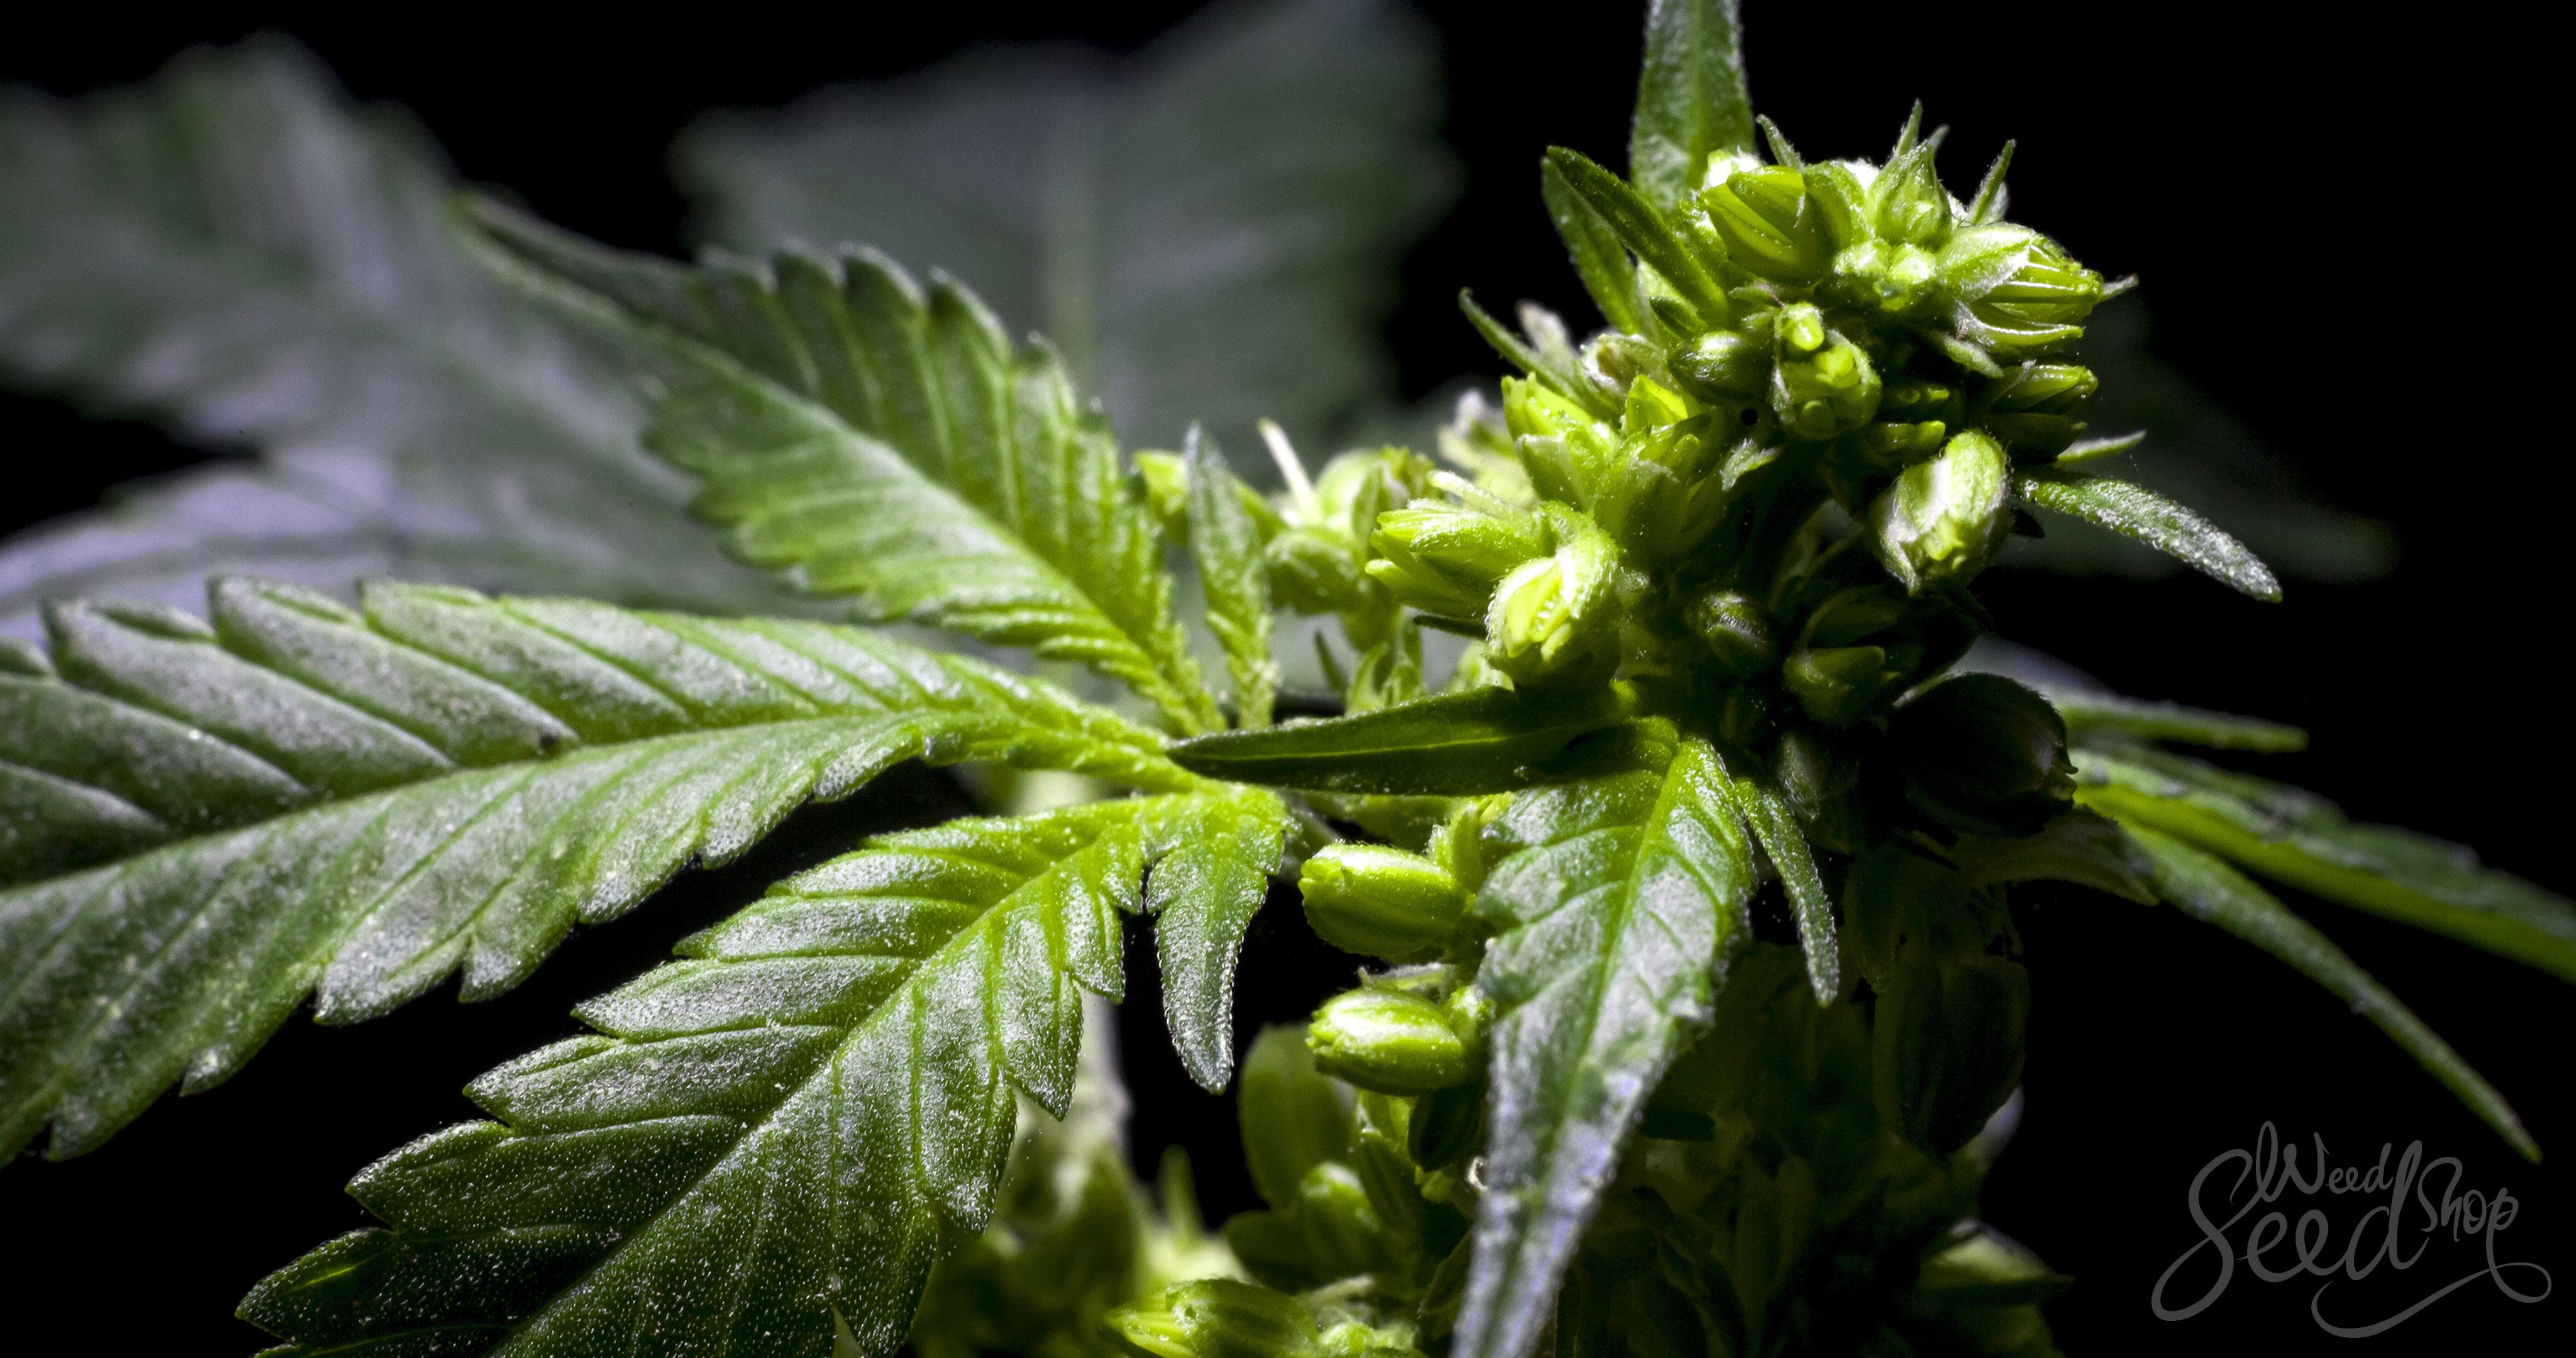 Cómo elegir plantas masculinas para cruzar - WeedSeedShop